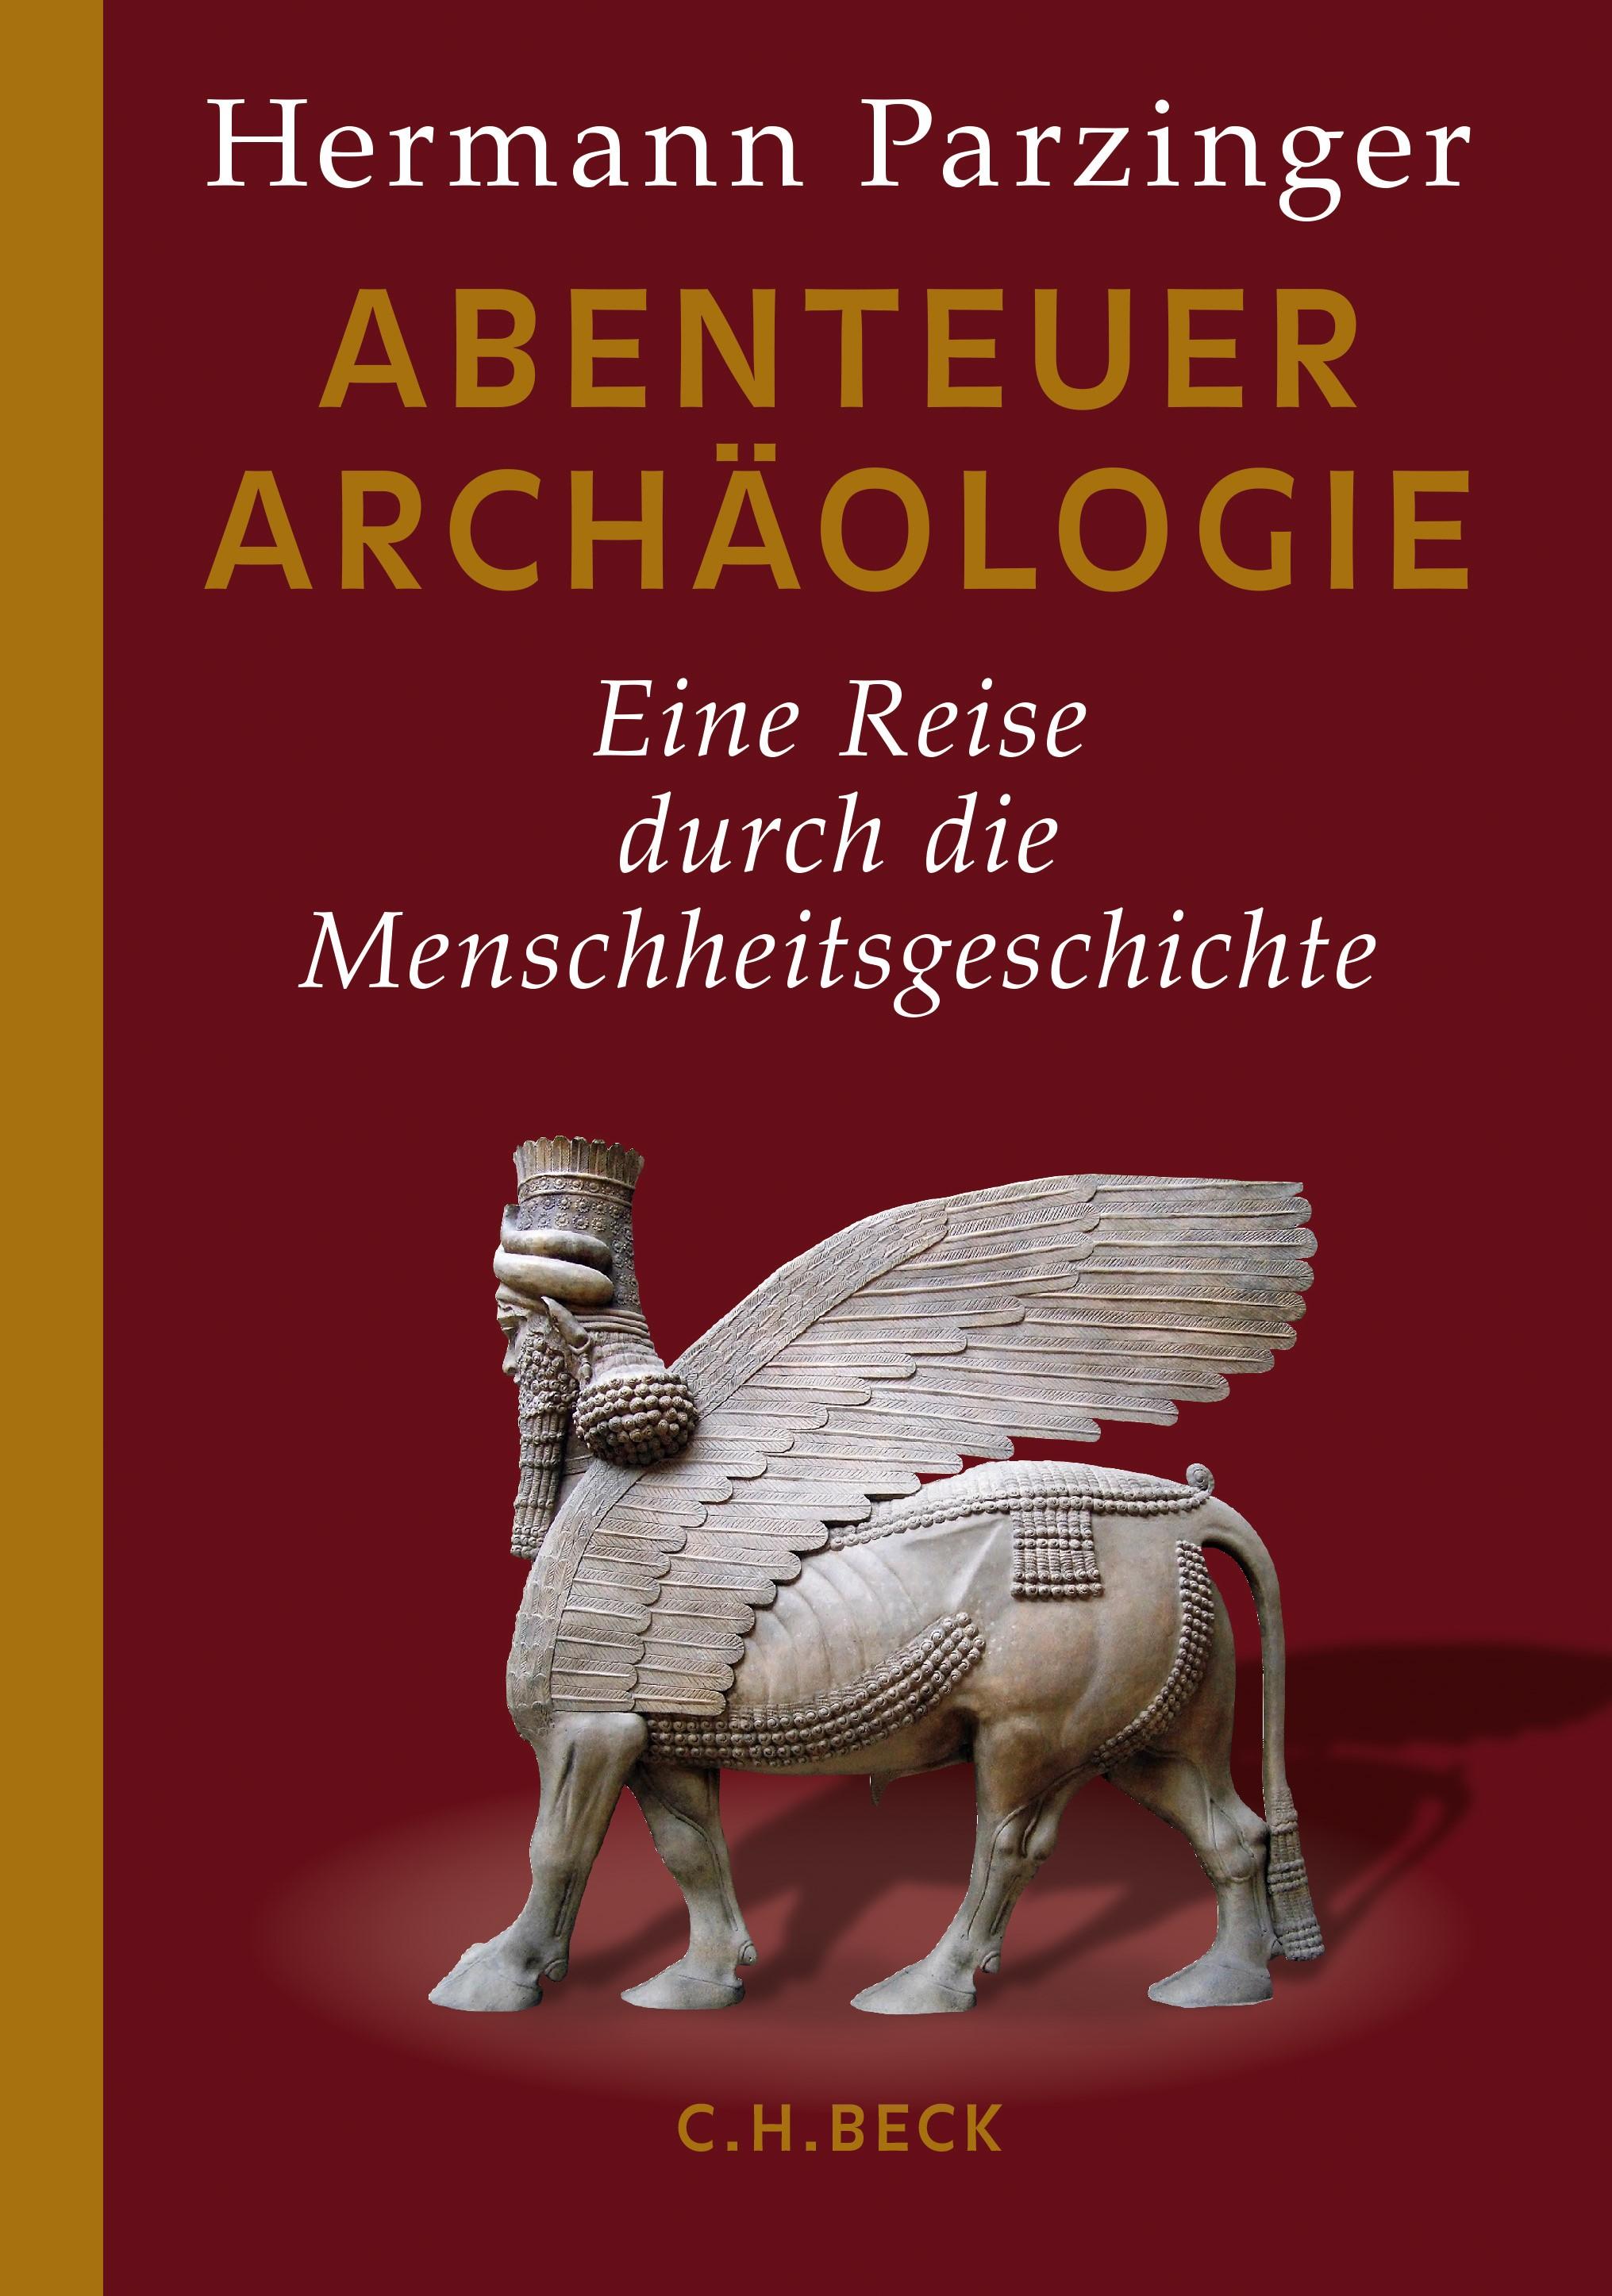 Cover des Buches 'Abenteuer Archäologie'